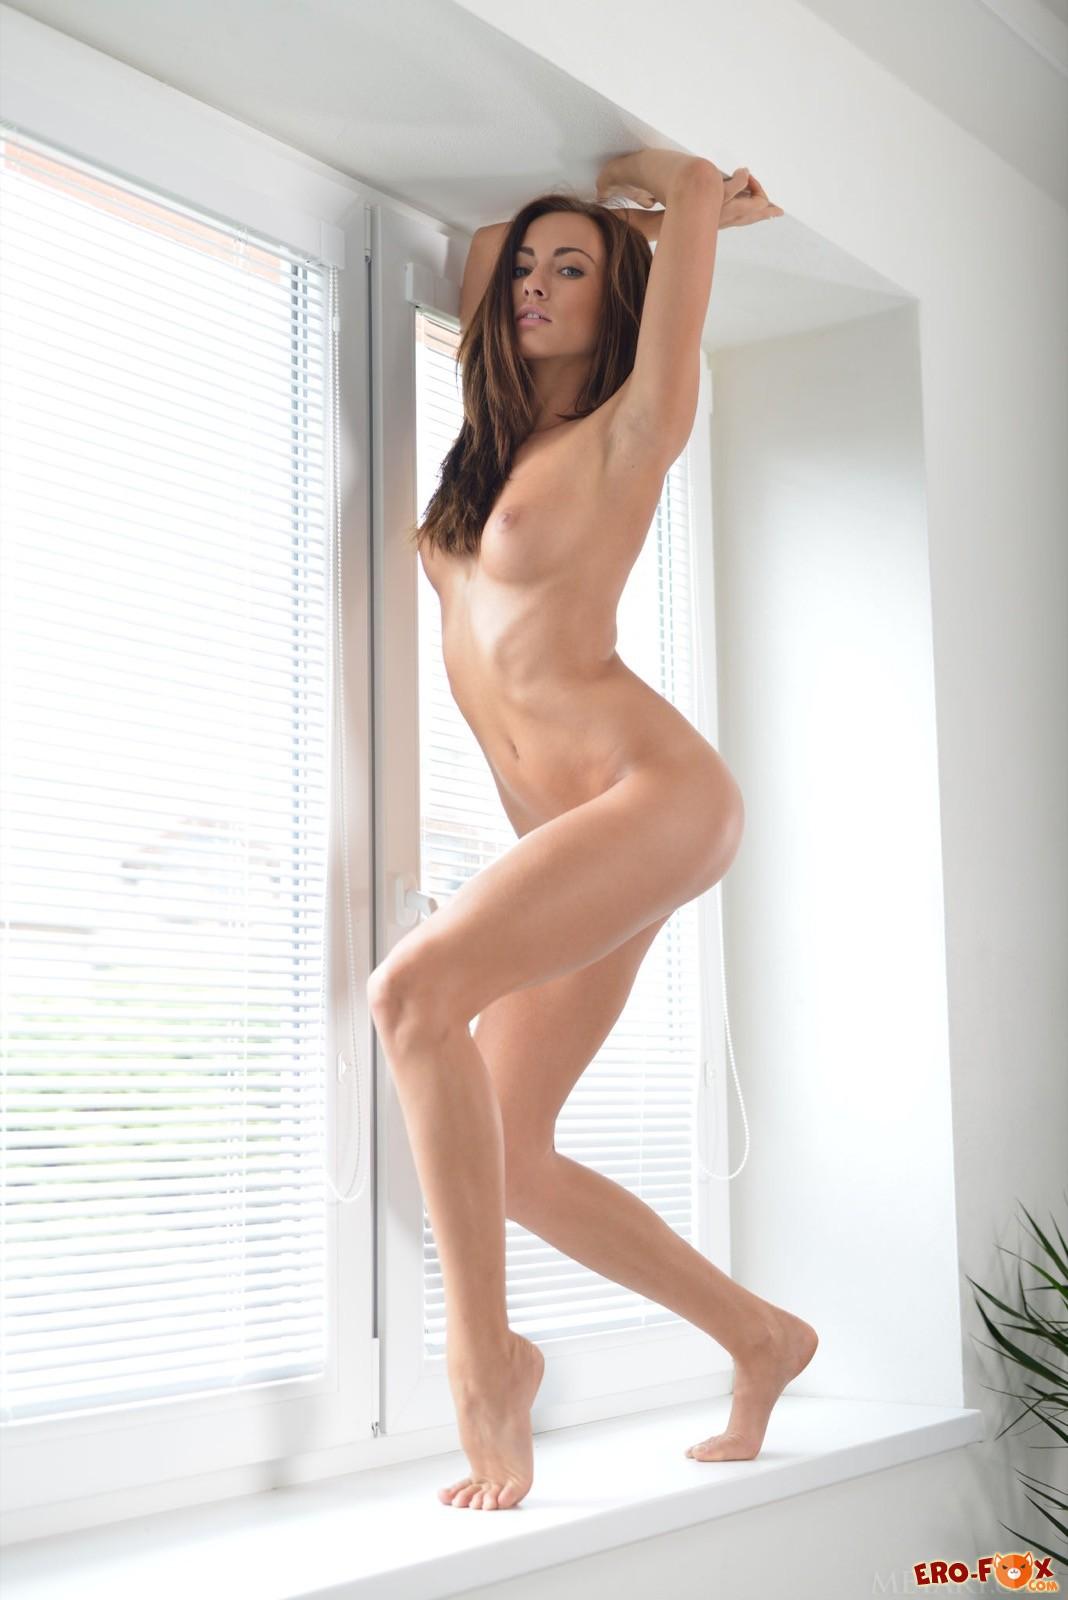 Сексуальная девка сняла трусики сидя на подоконнике